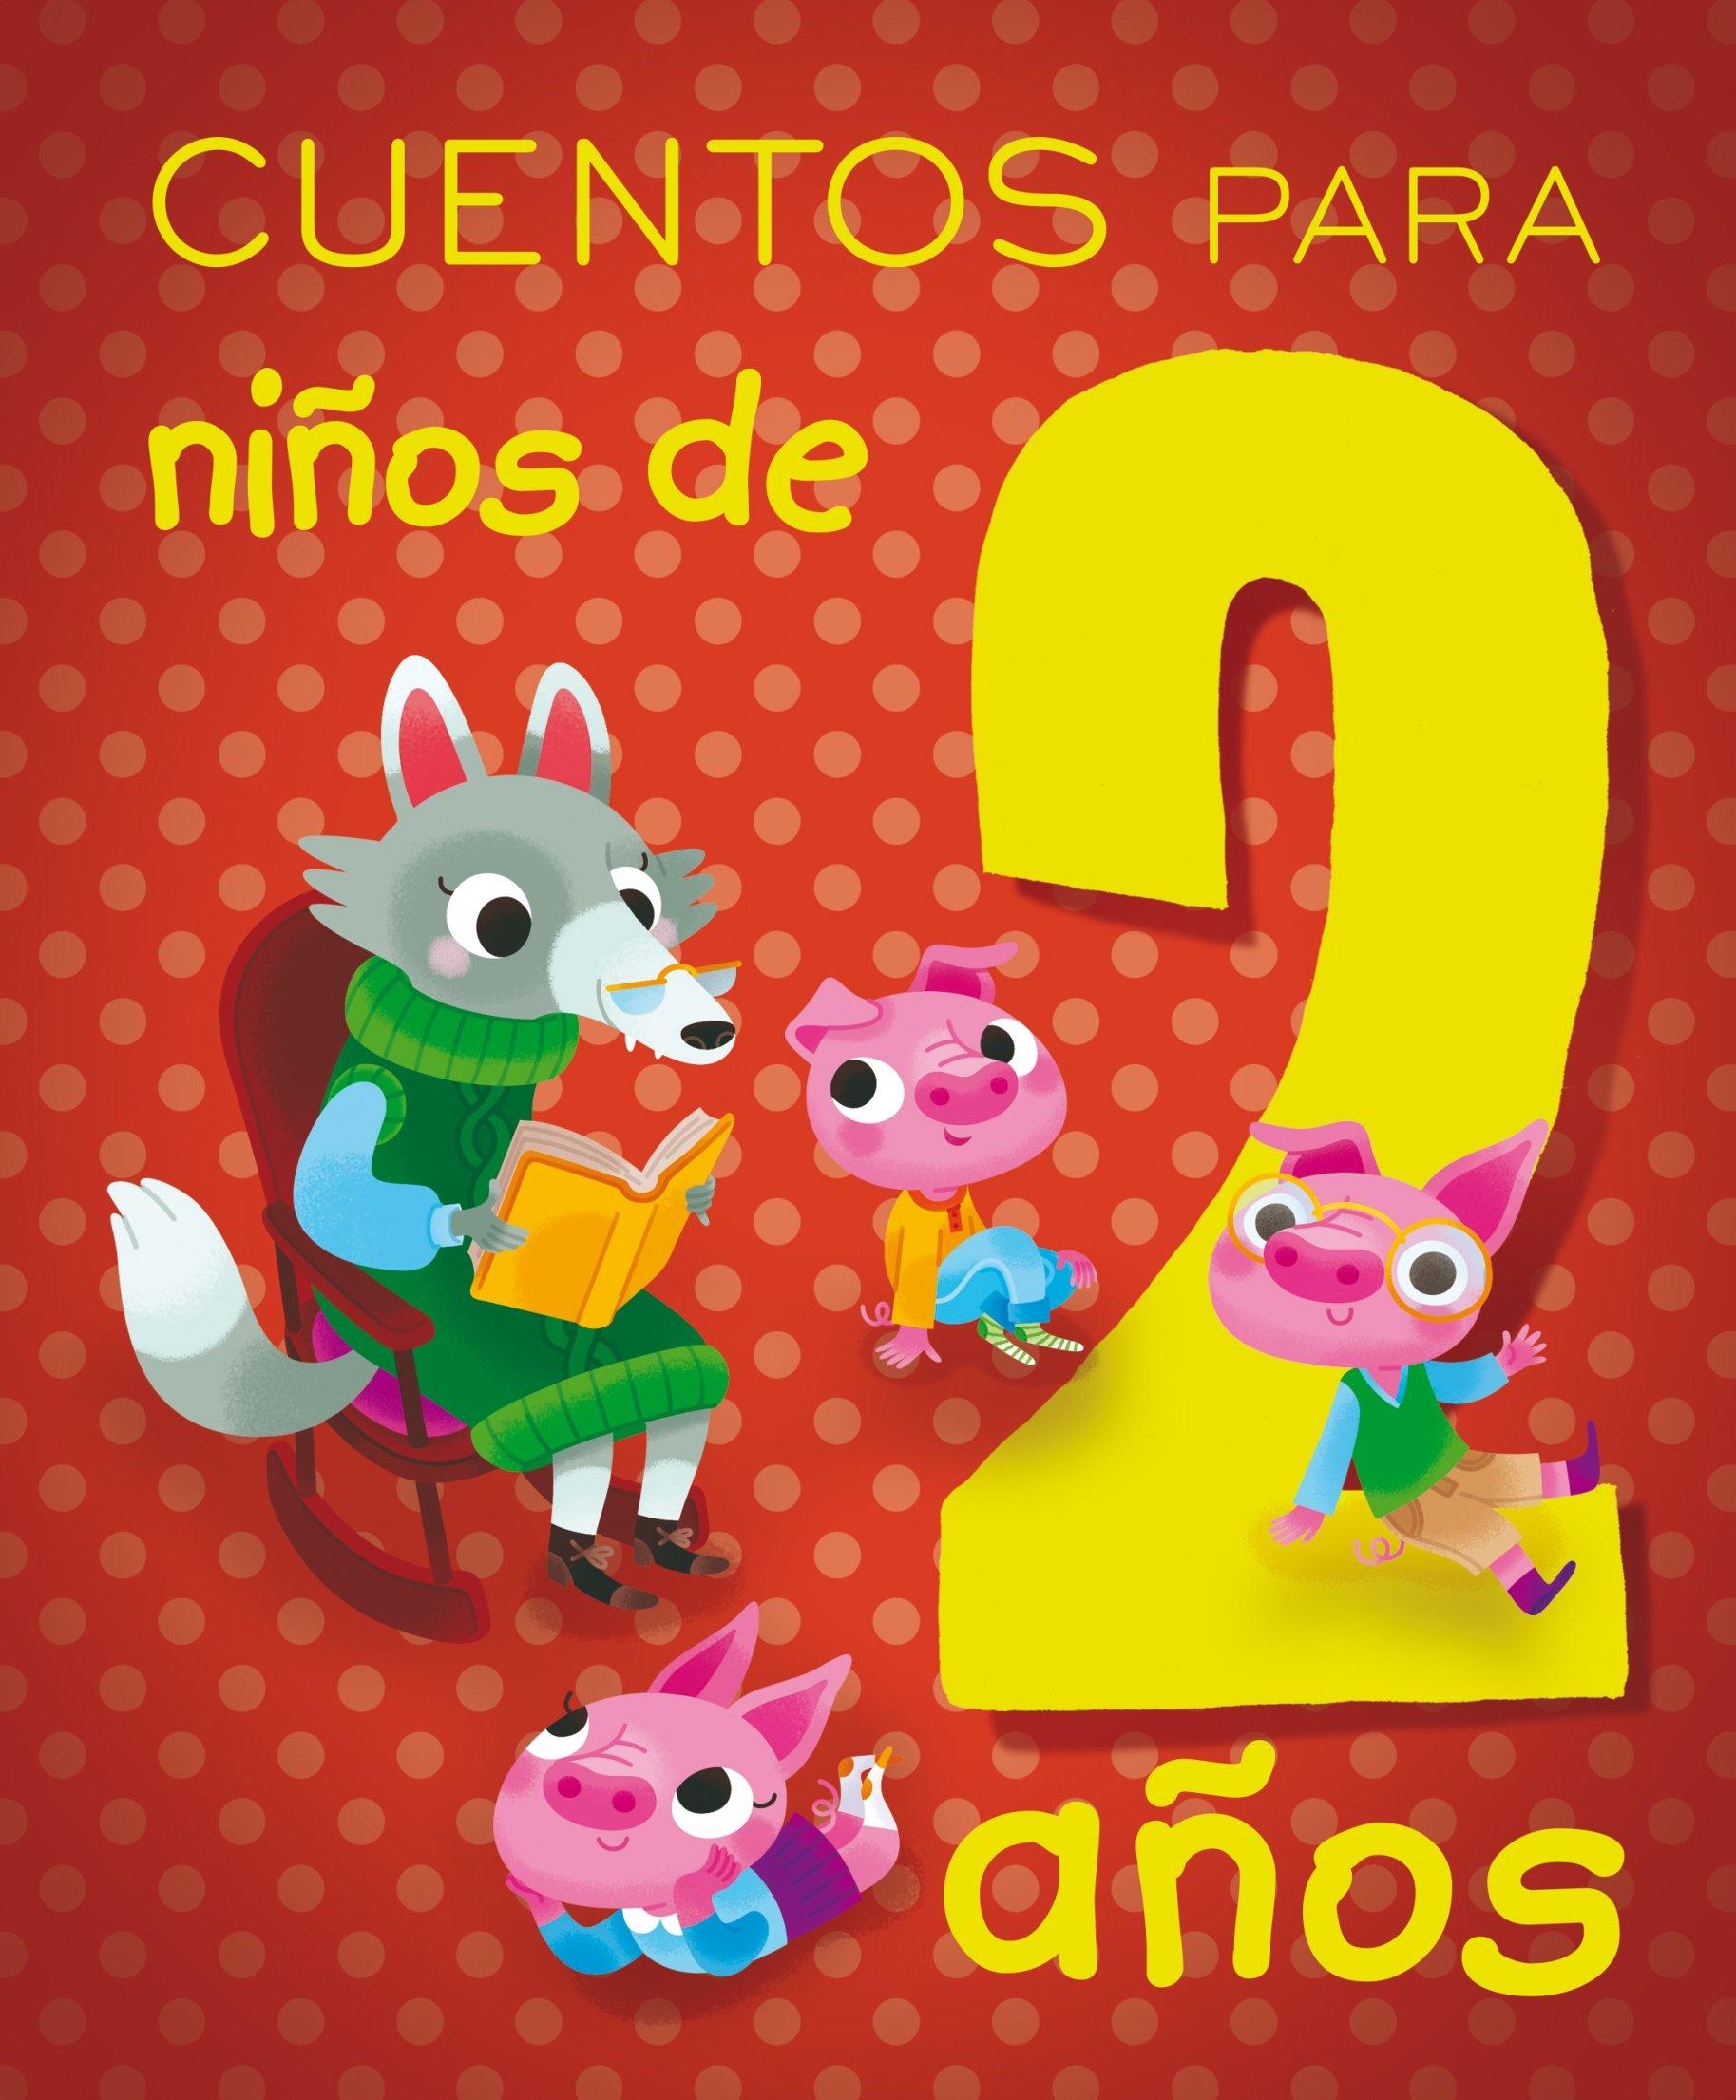 Cuentos para niños de 2 años (p.d.)